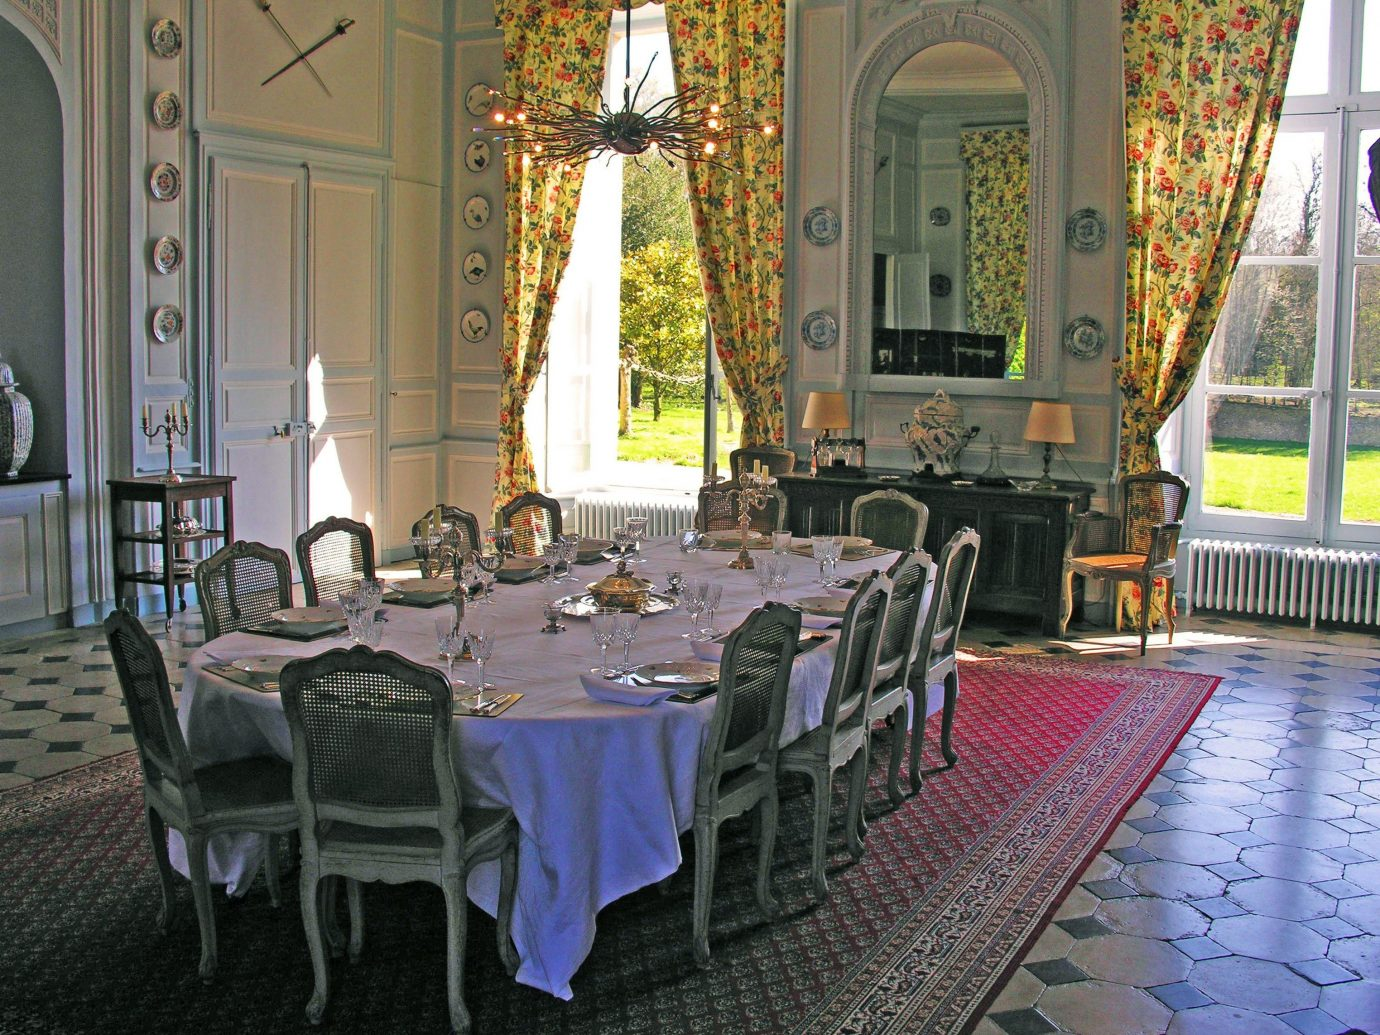 Hotels room property dining room estate restaurant mansion interior design meal palace home cottage aisle furniture